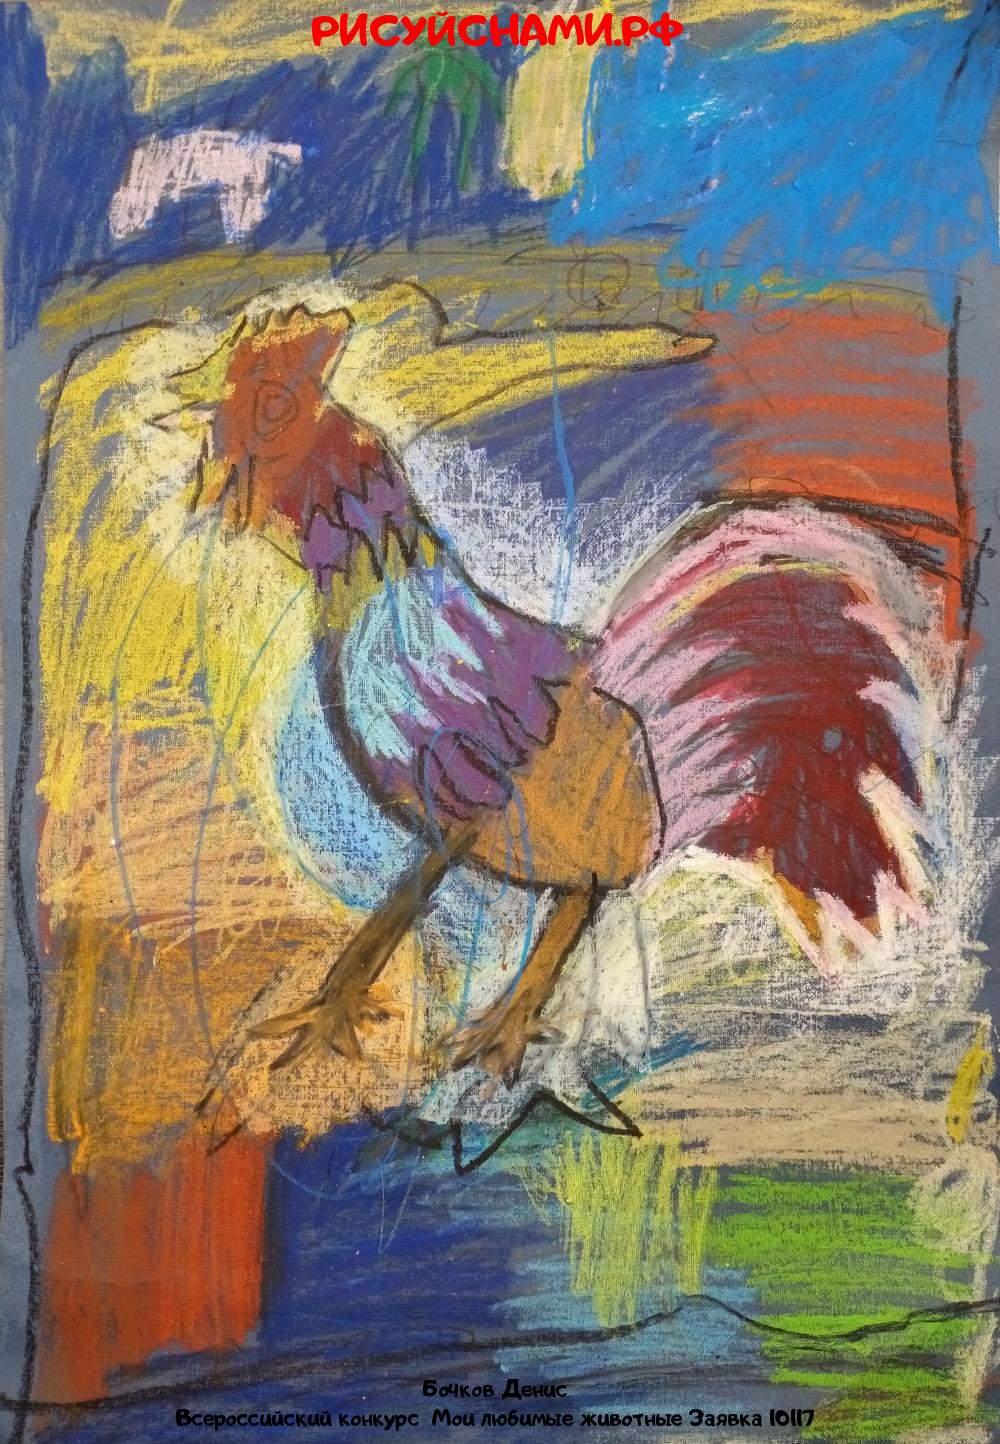 Всероссийский конкурс  Мои любимые животные Заявка 10117  творческие конкурсы рисунков для школьников и дошкольников рисуй с нами #тмрисуйснами рисунок и поделка - Бочков Денис